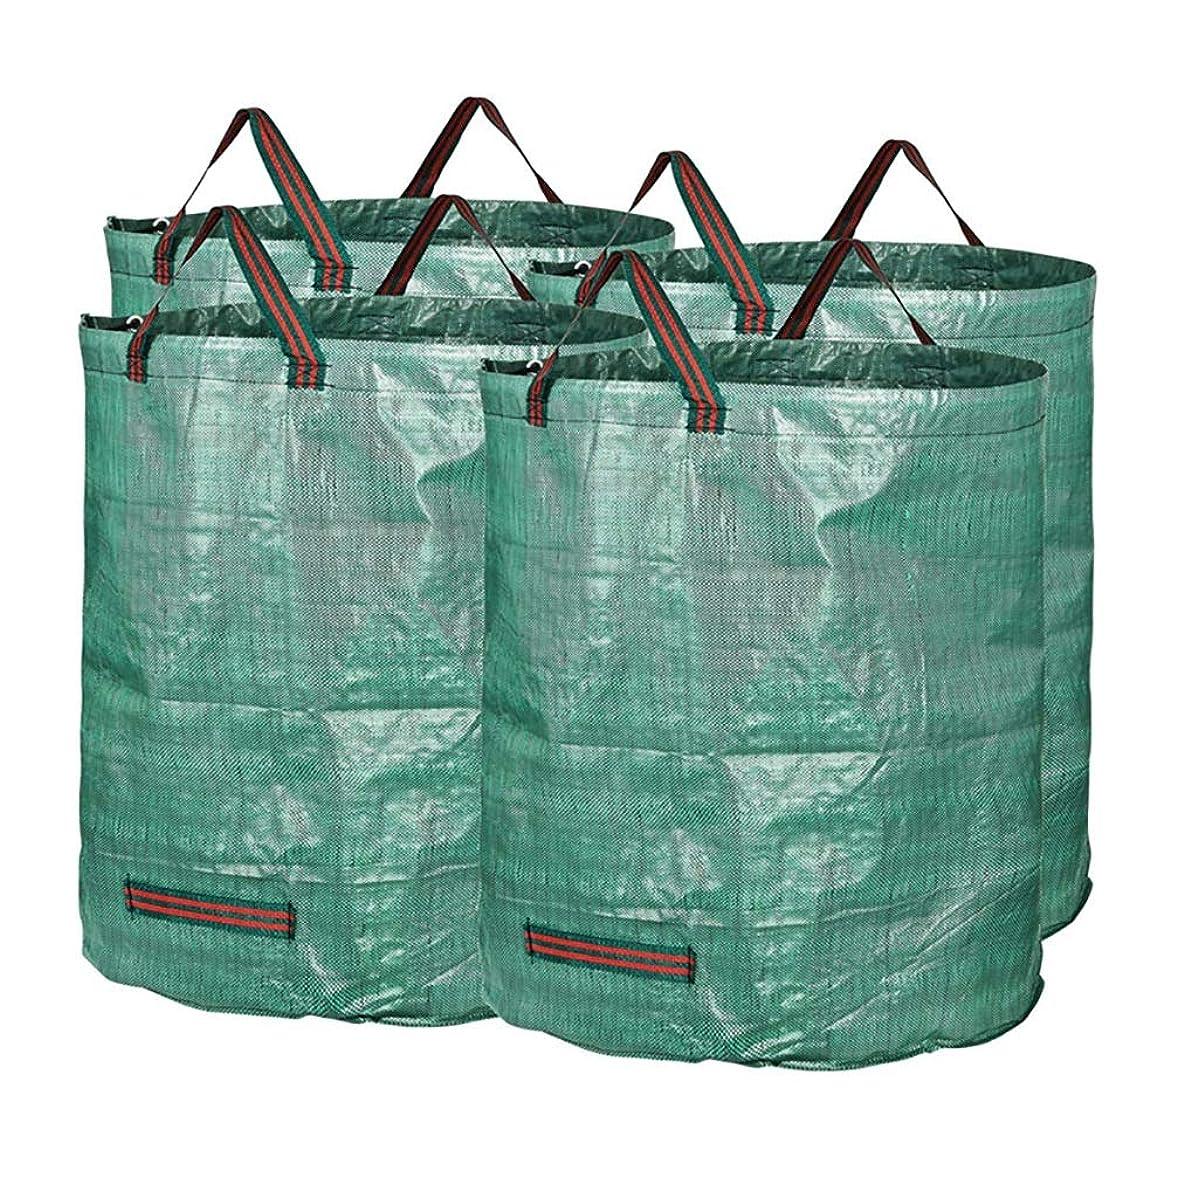 解決傾向ブリリアント庭のゴミ袋、庭のゴミの草植物の花の貯蔵のきちんとしたバケツ(240L H80 cm、D47 cm) (サイズ さいず : 4 bags)